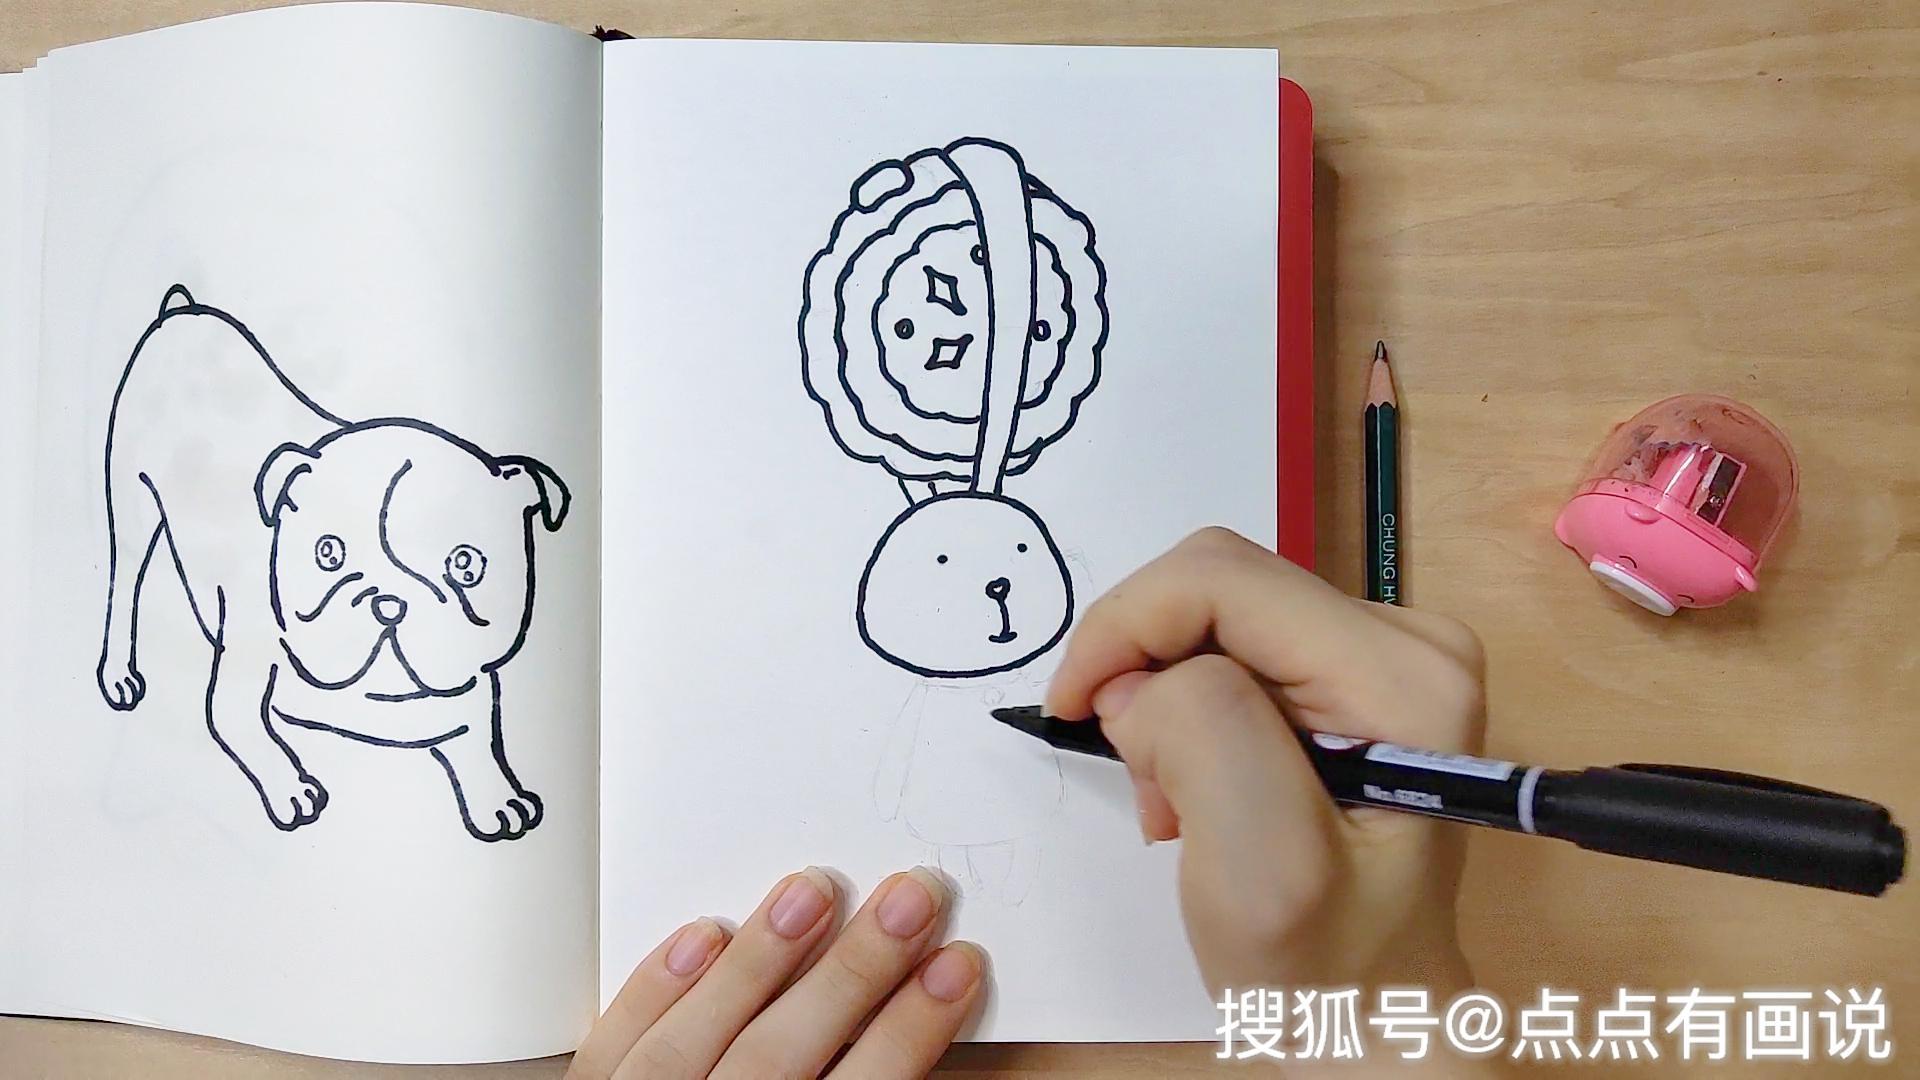 点点有画说 兔子抱月饼过中秋,好玩又轻松的简笔画